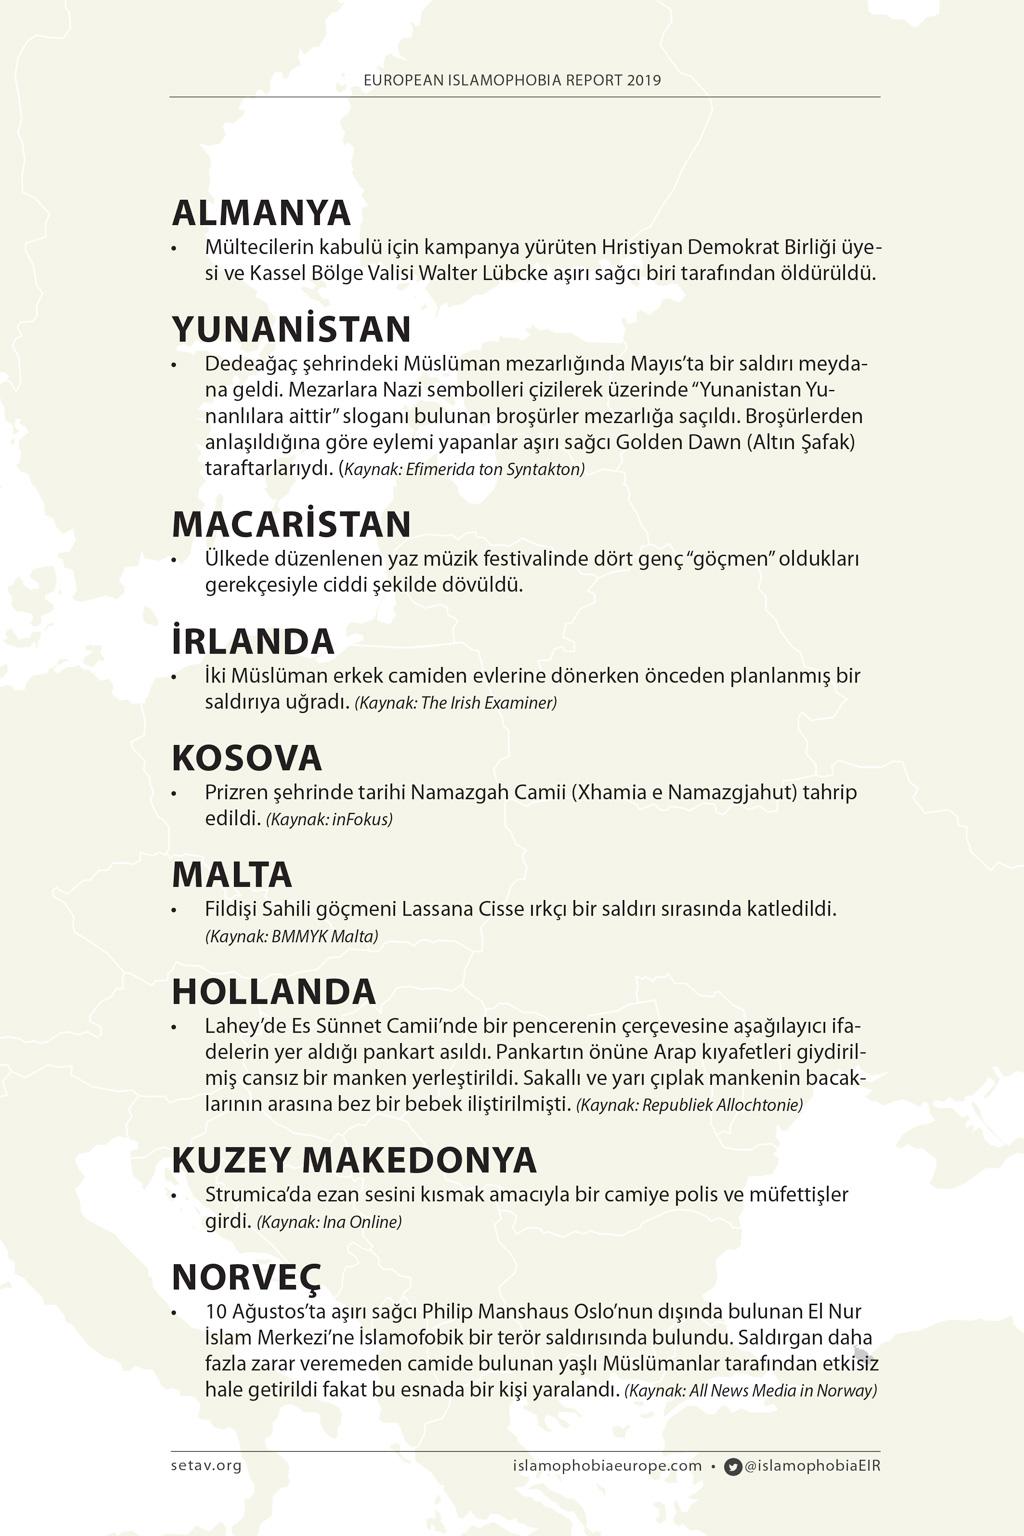 İnfografik: Avrupa'da Müslümanlara Karşı Şiddet Eylemleri | #EIR2019